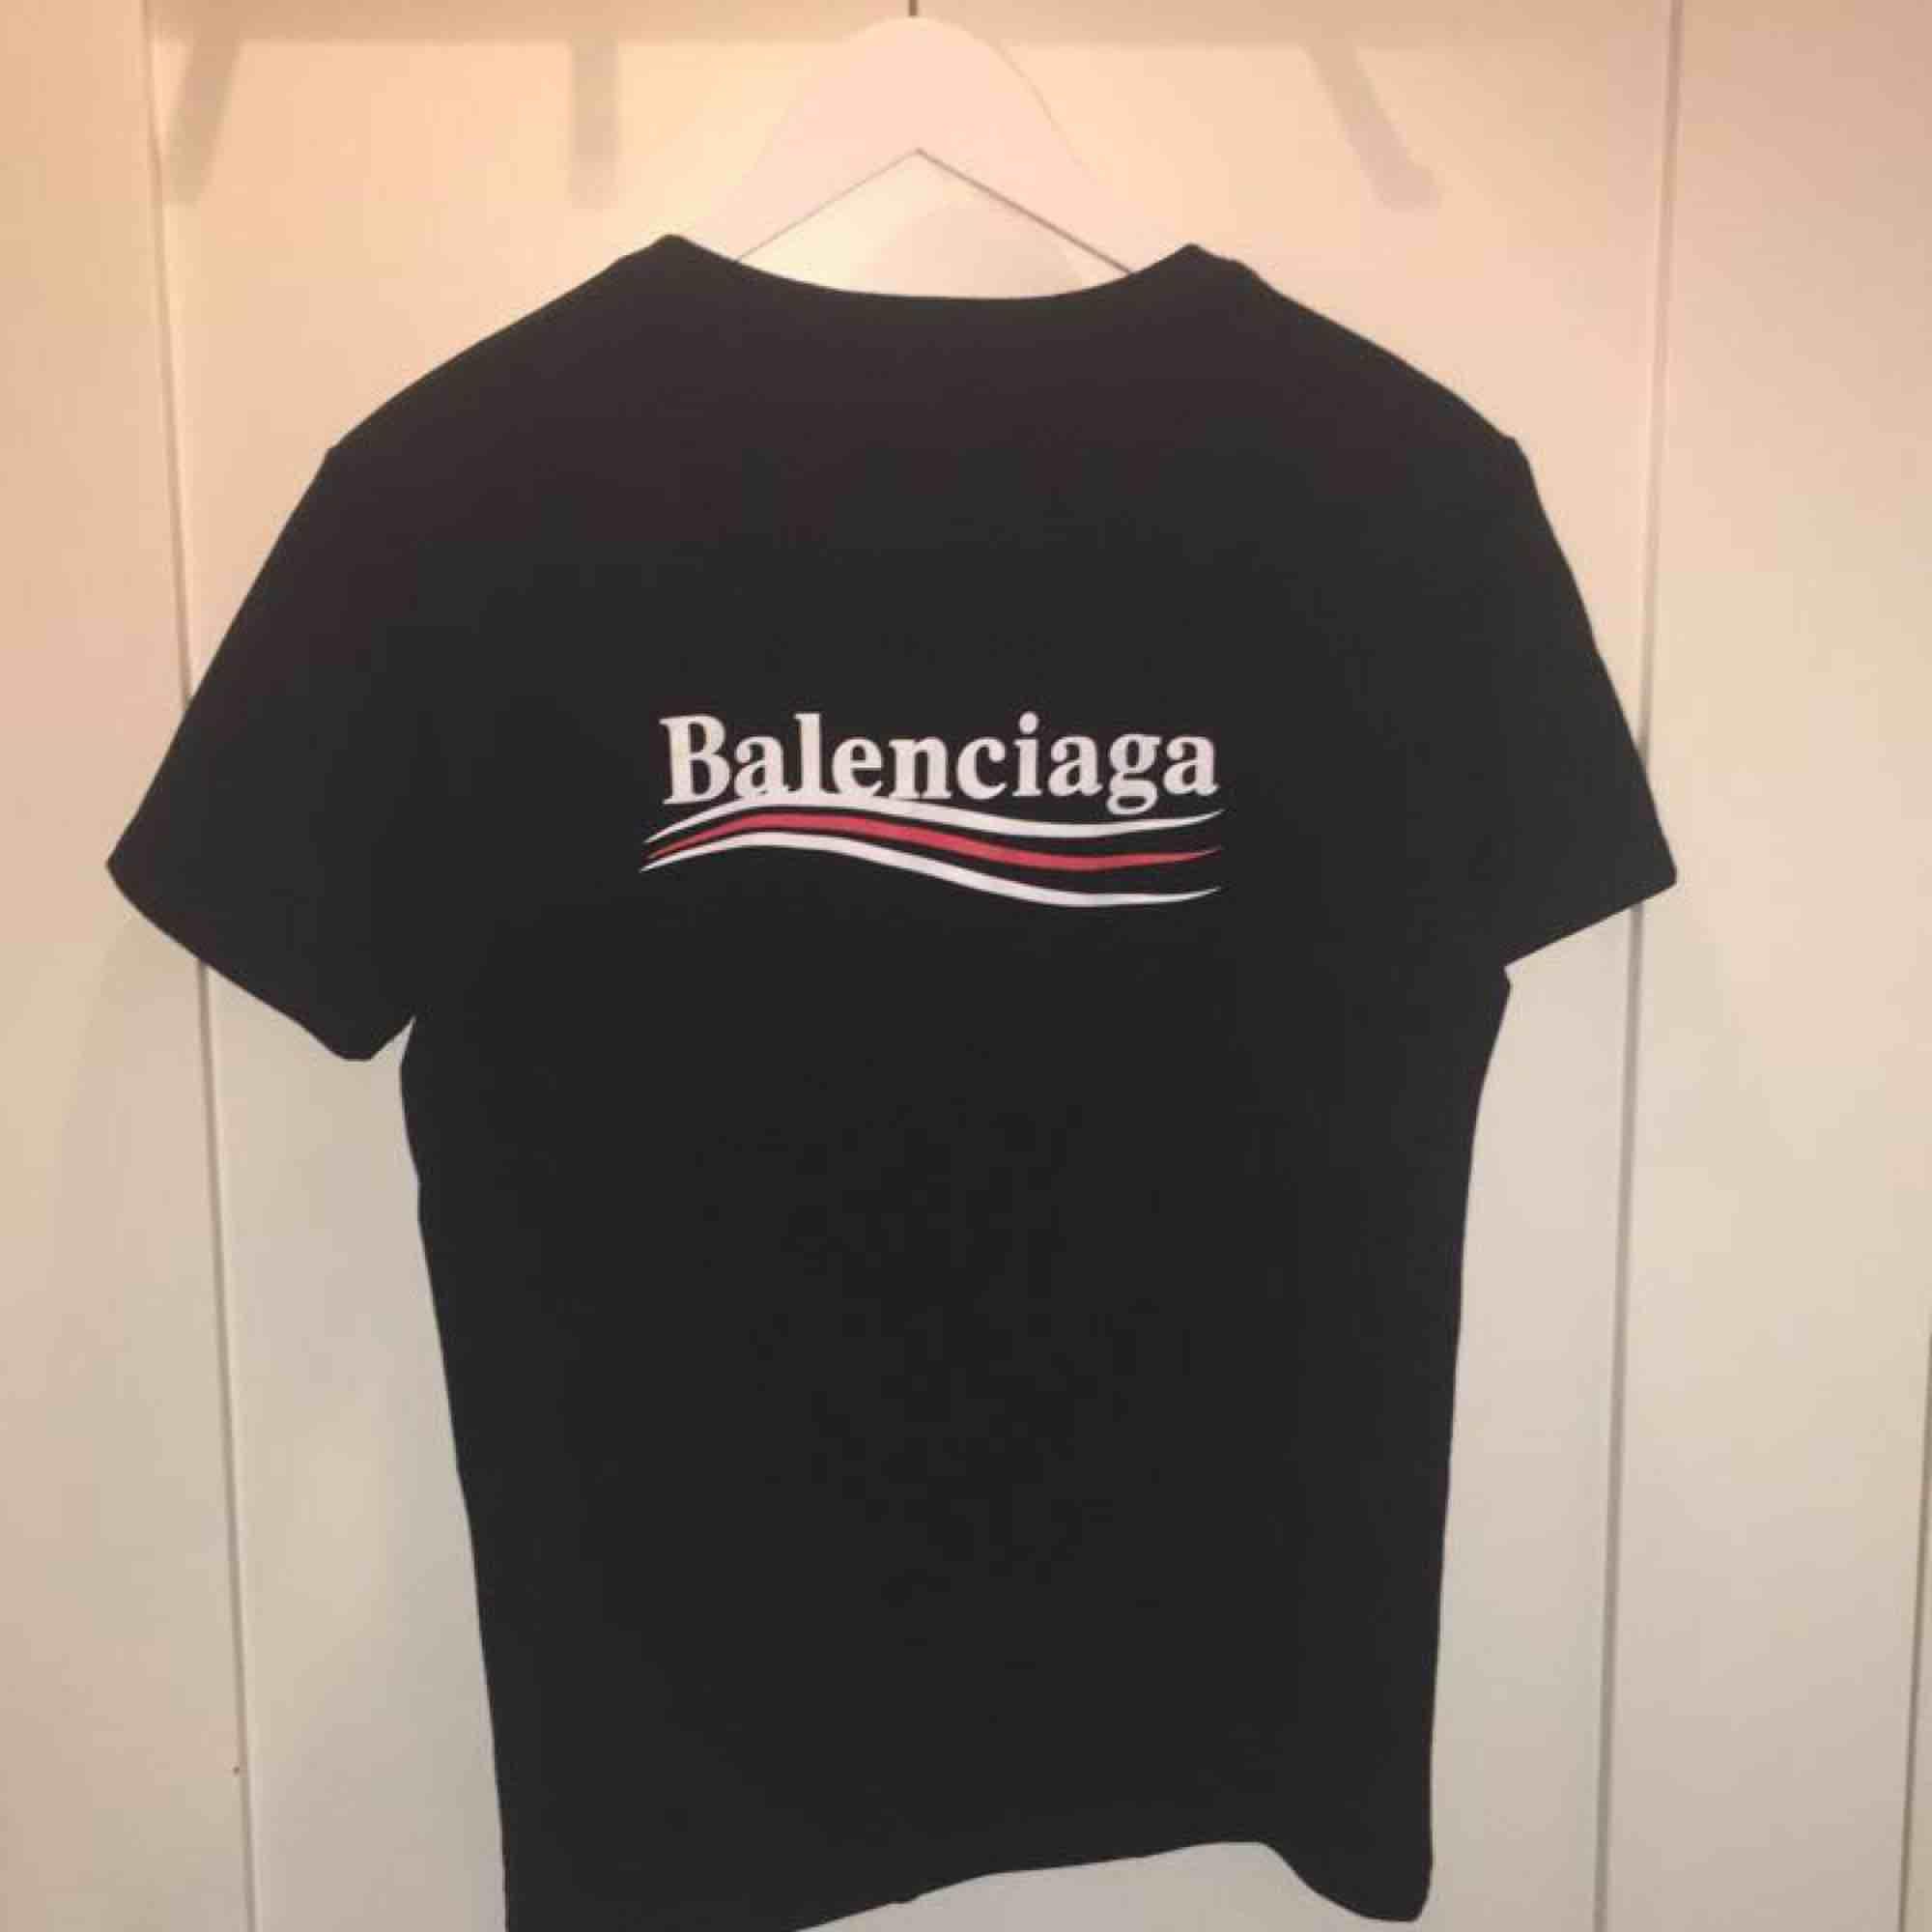 Balenciaga t-shirt i storlek S, aldrig använd tags är fortfarande kvar på, priset går att diskutera och frakt tillkommer (SÅLD). T-shirts.